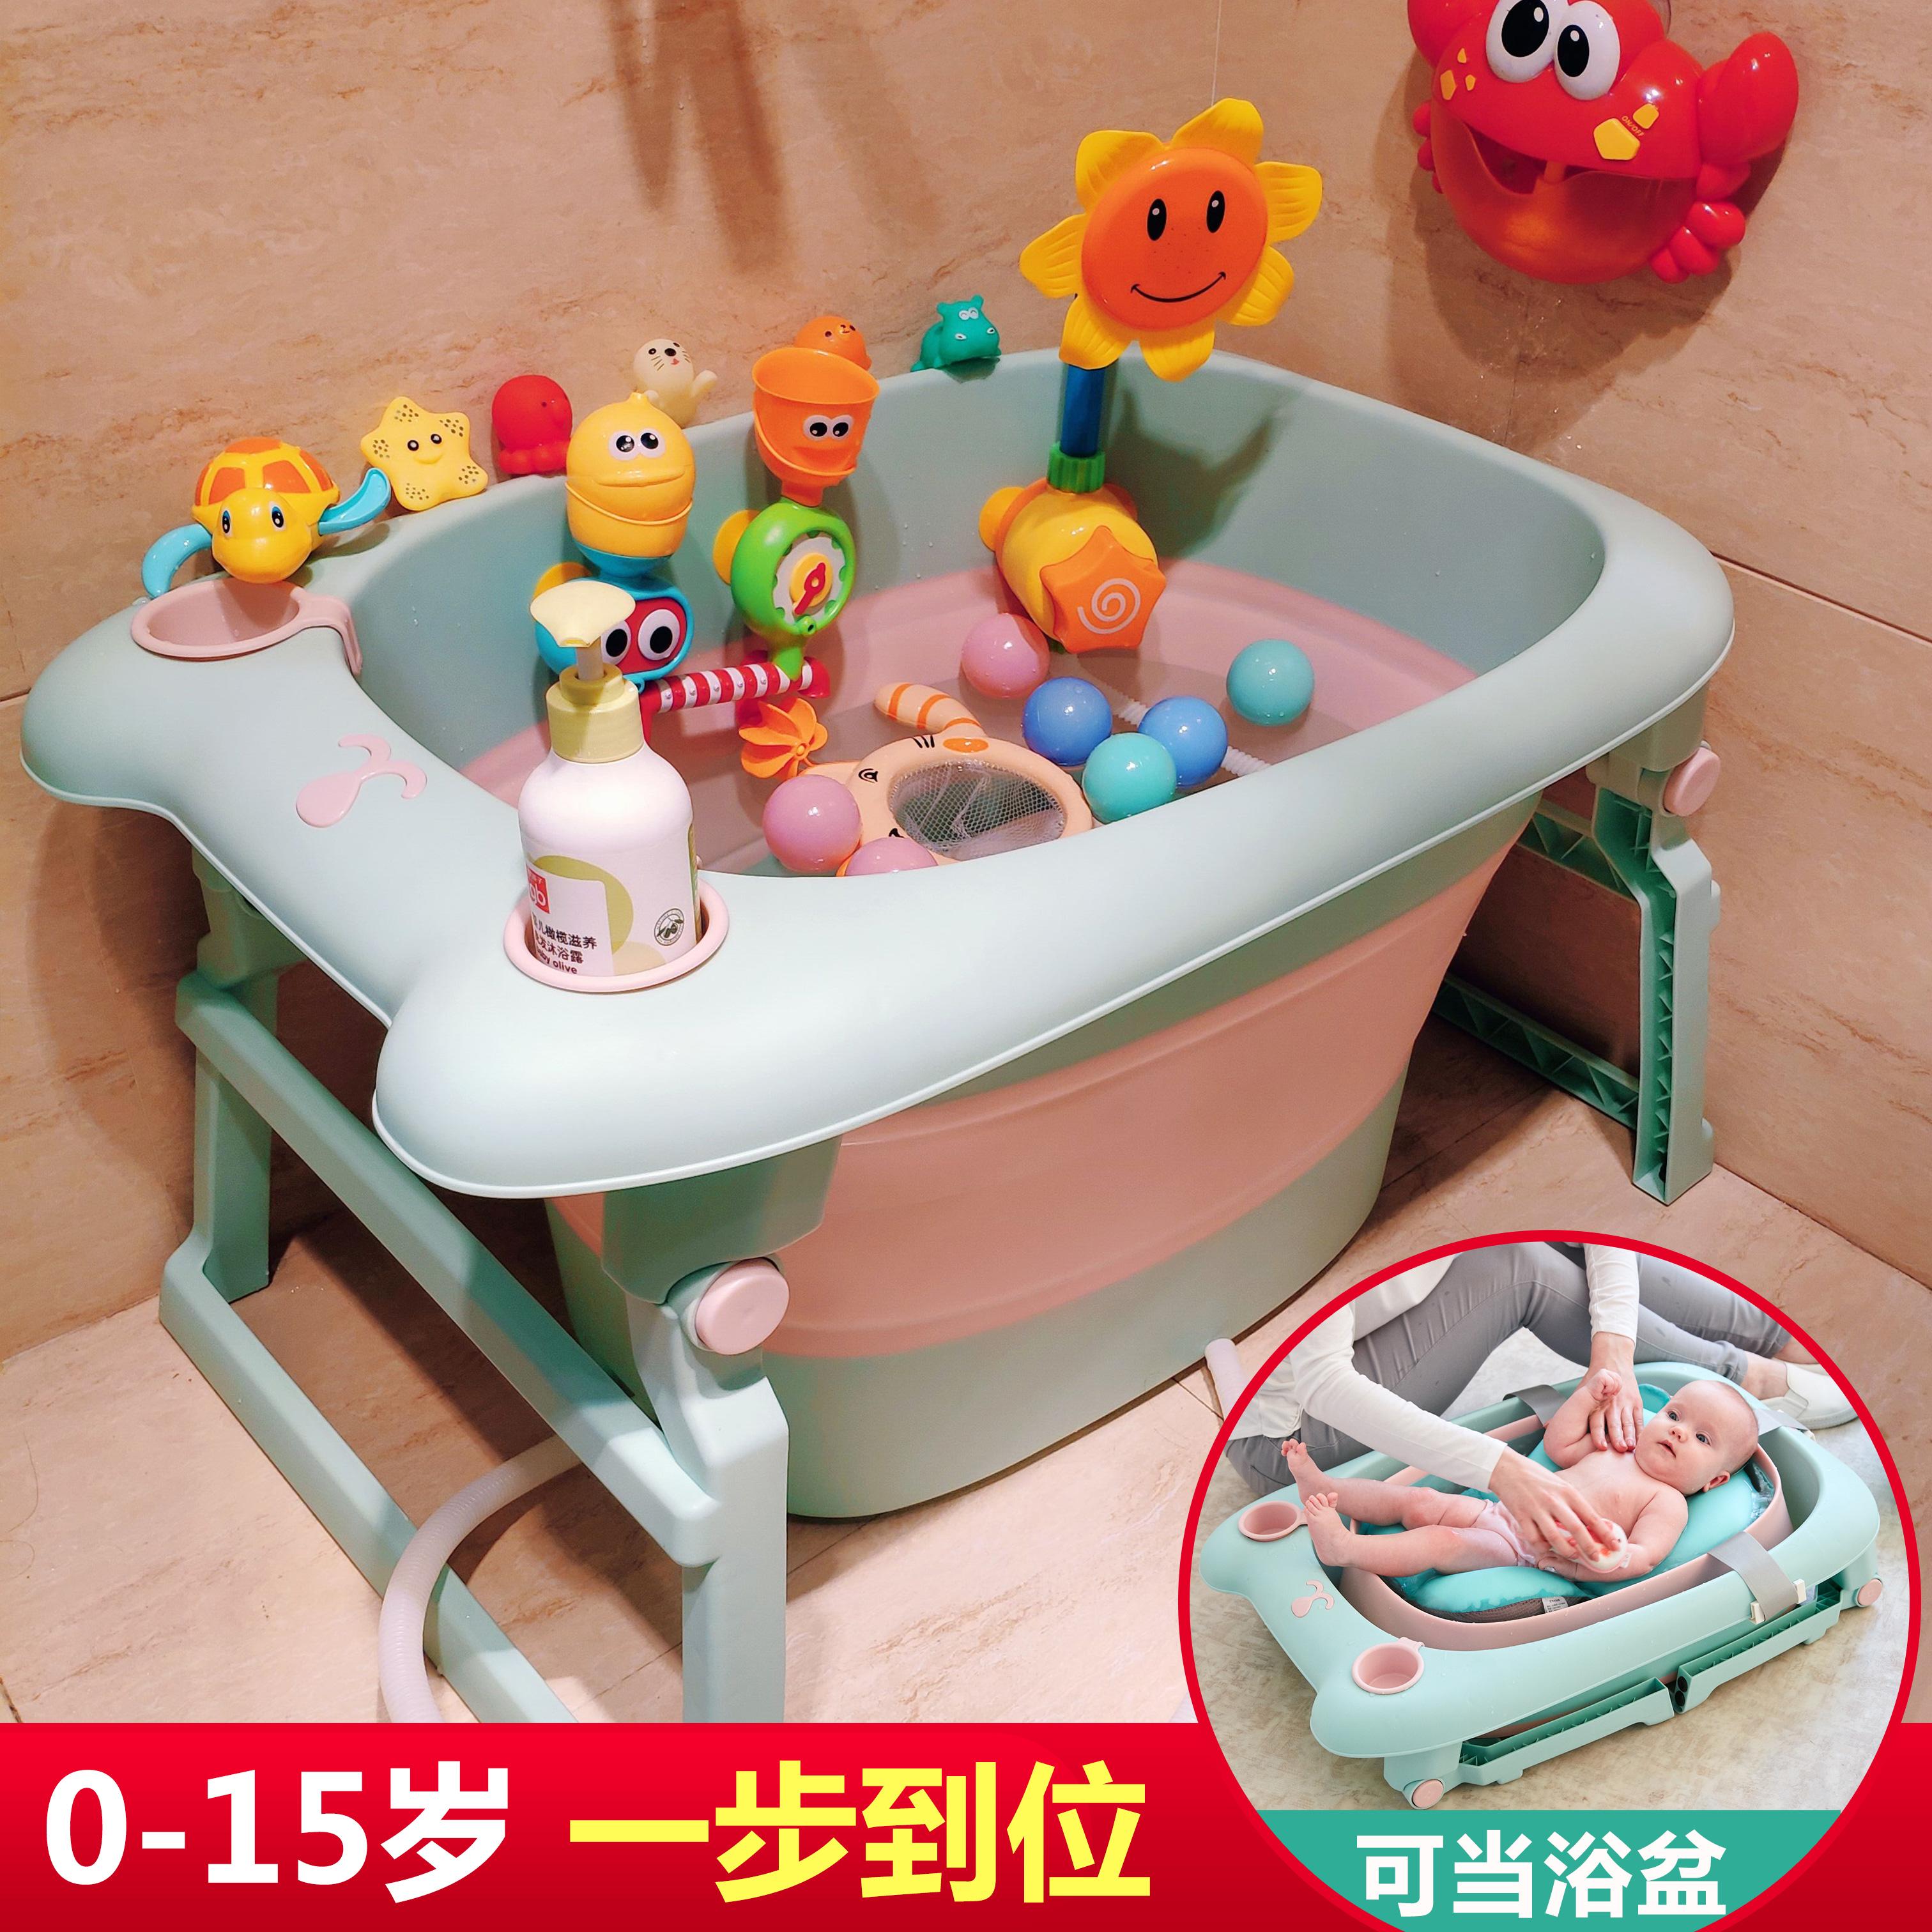 儿童泡澡桶折叠浴盆宝宝游泳桶大号浴桶家用新生婴儿洗澡盆可坐躺